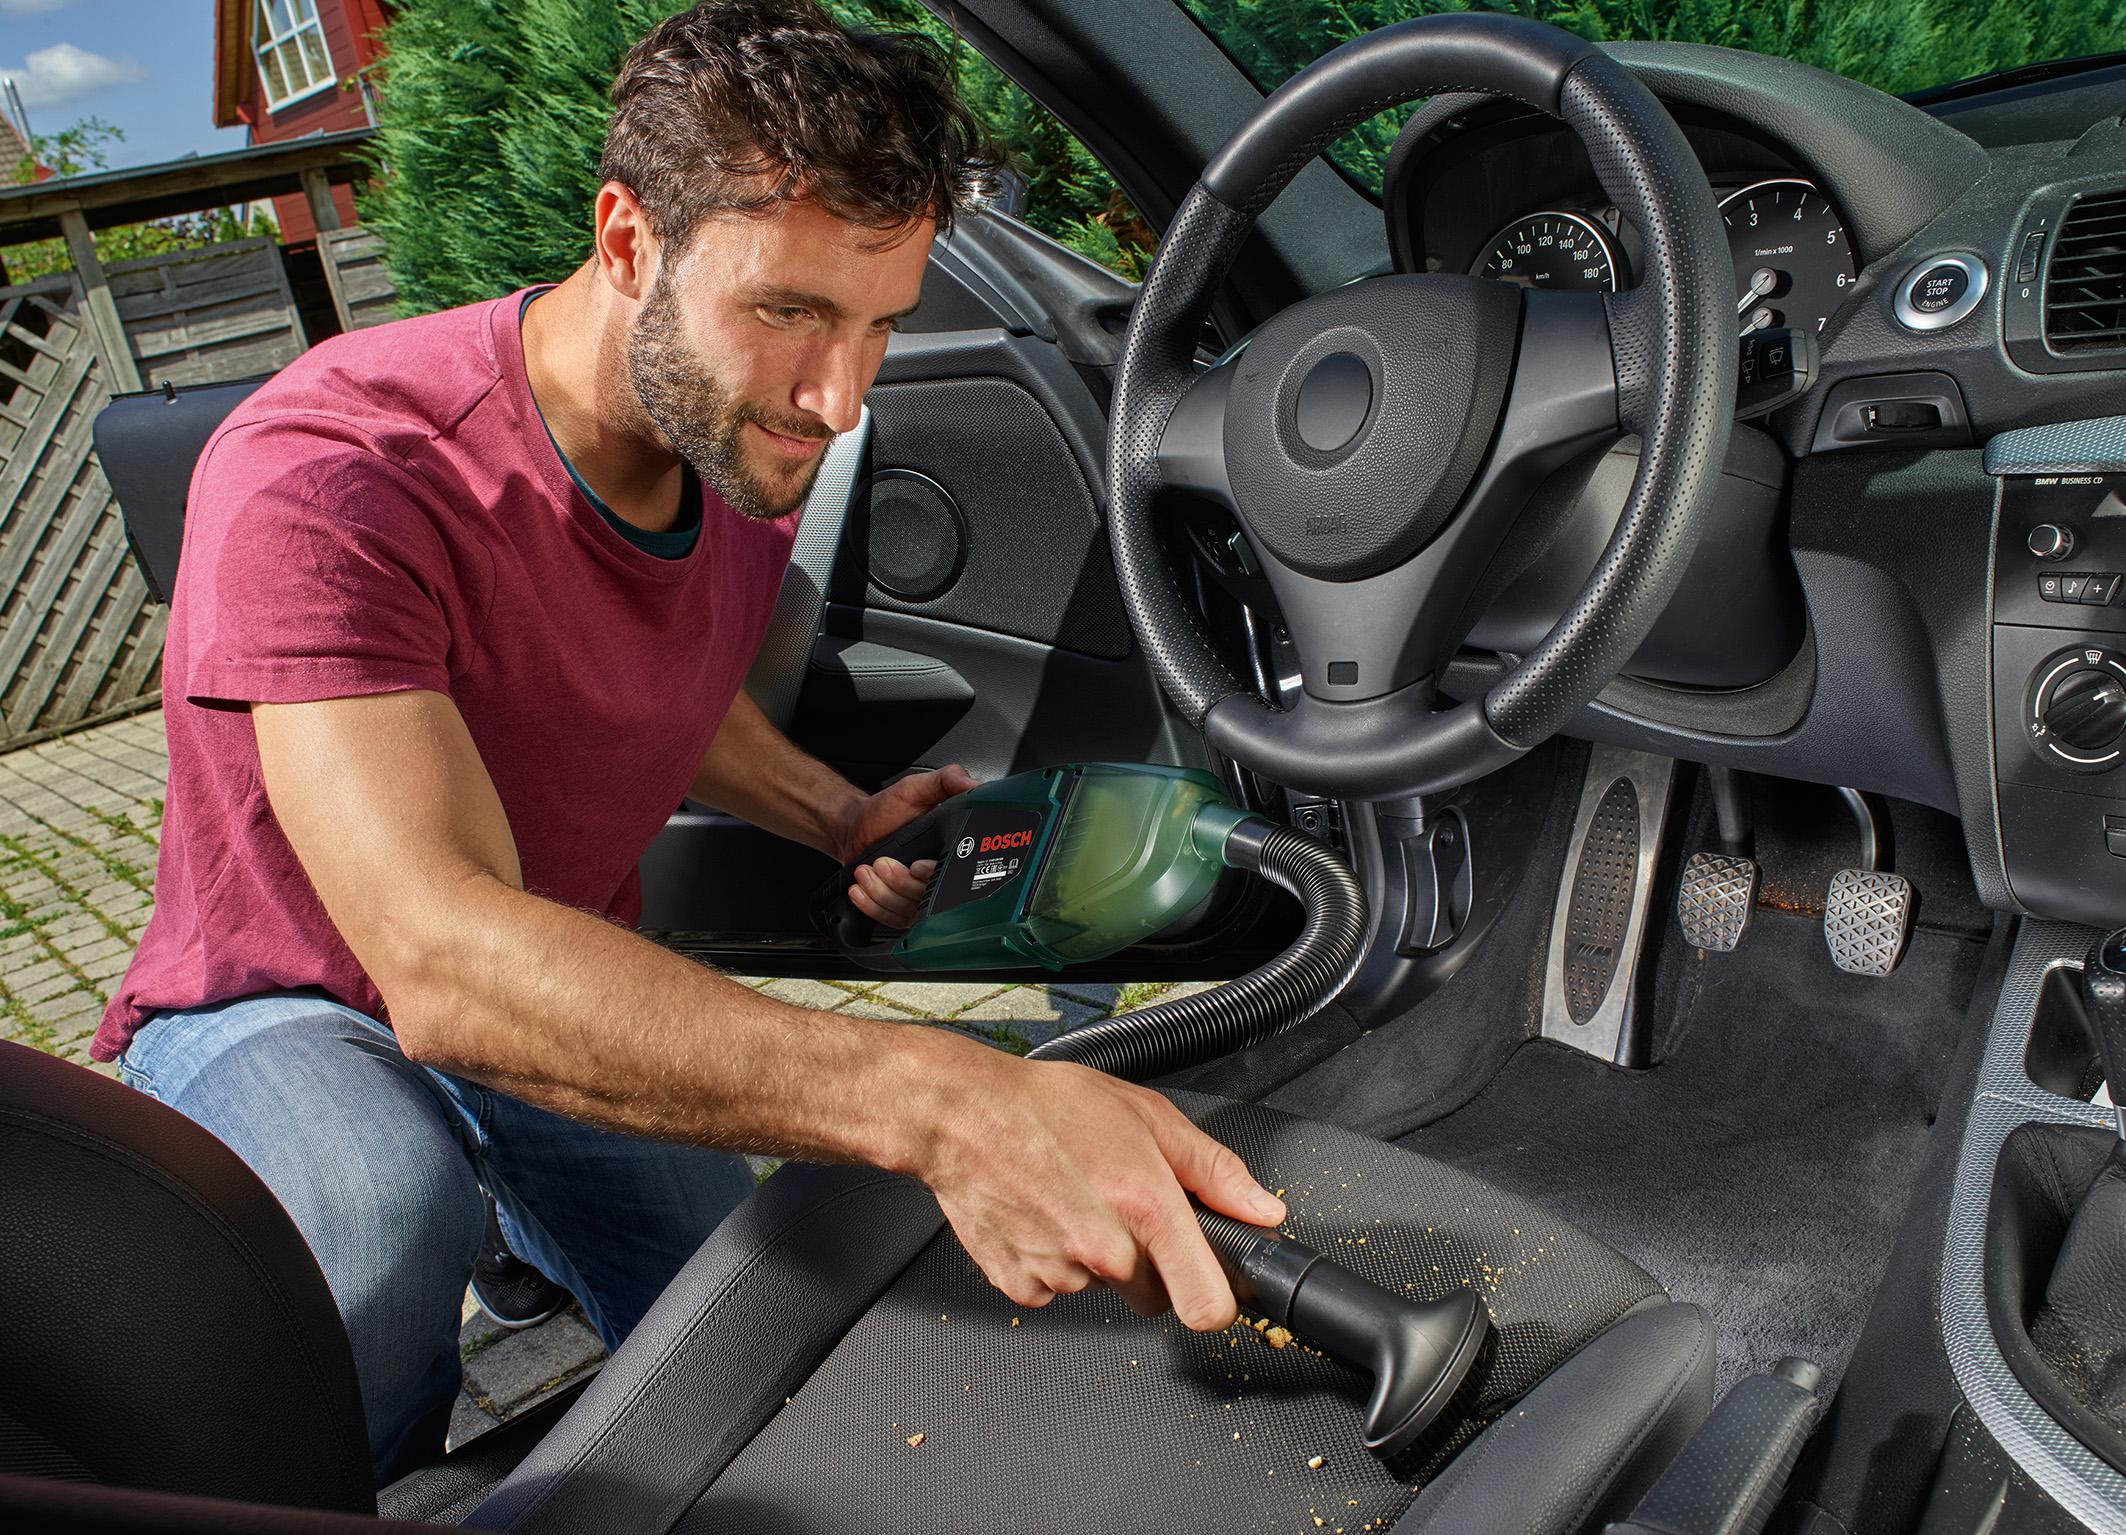 Leiser und vielseitiger Akku-Sauger: der EasyVac 12 von Bosch